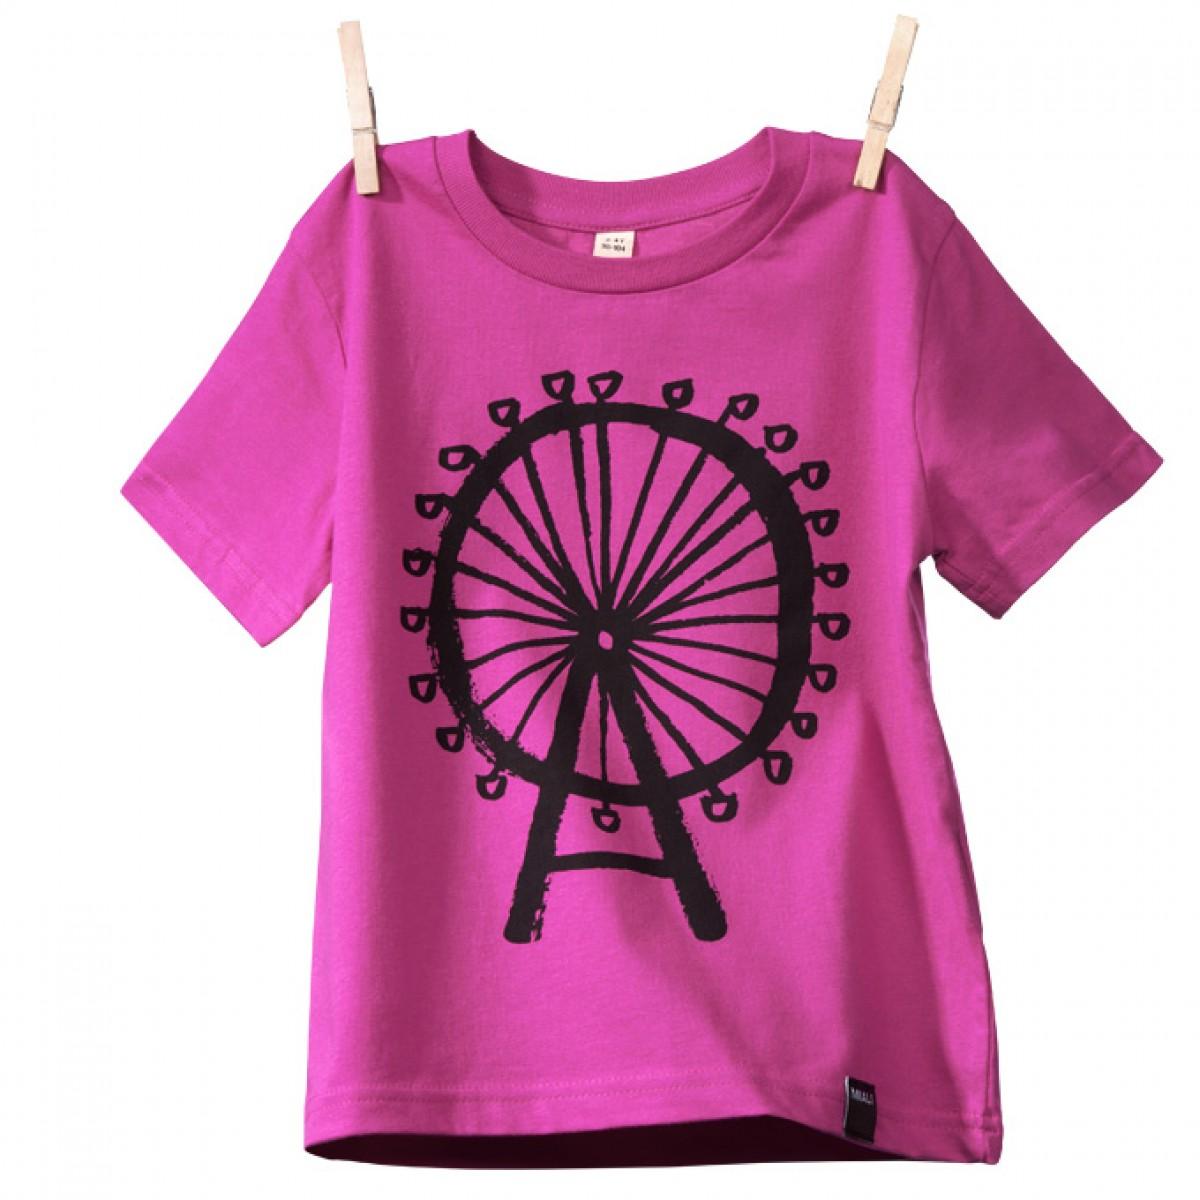 MIALI Bio-Baumwoll Shirt für Kleine / Riesenrad (pink)